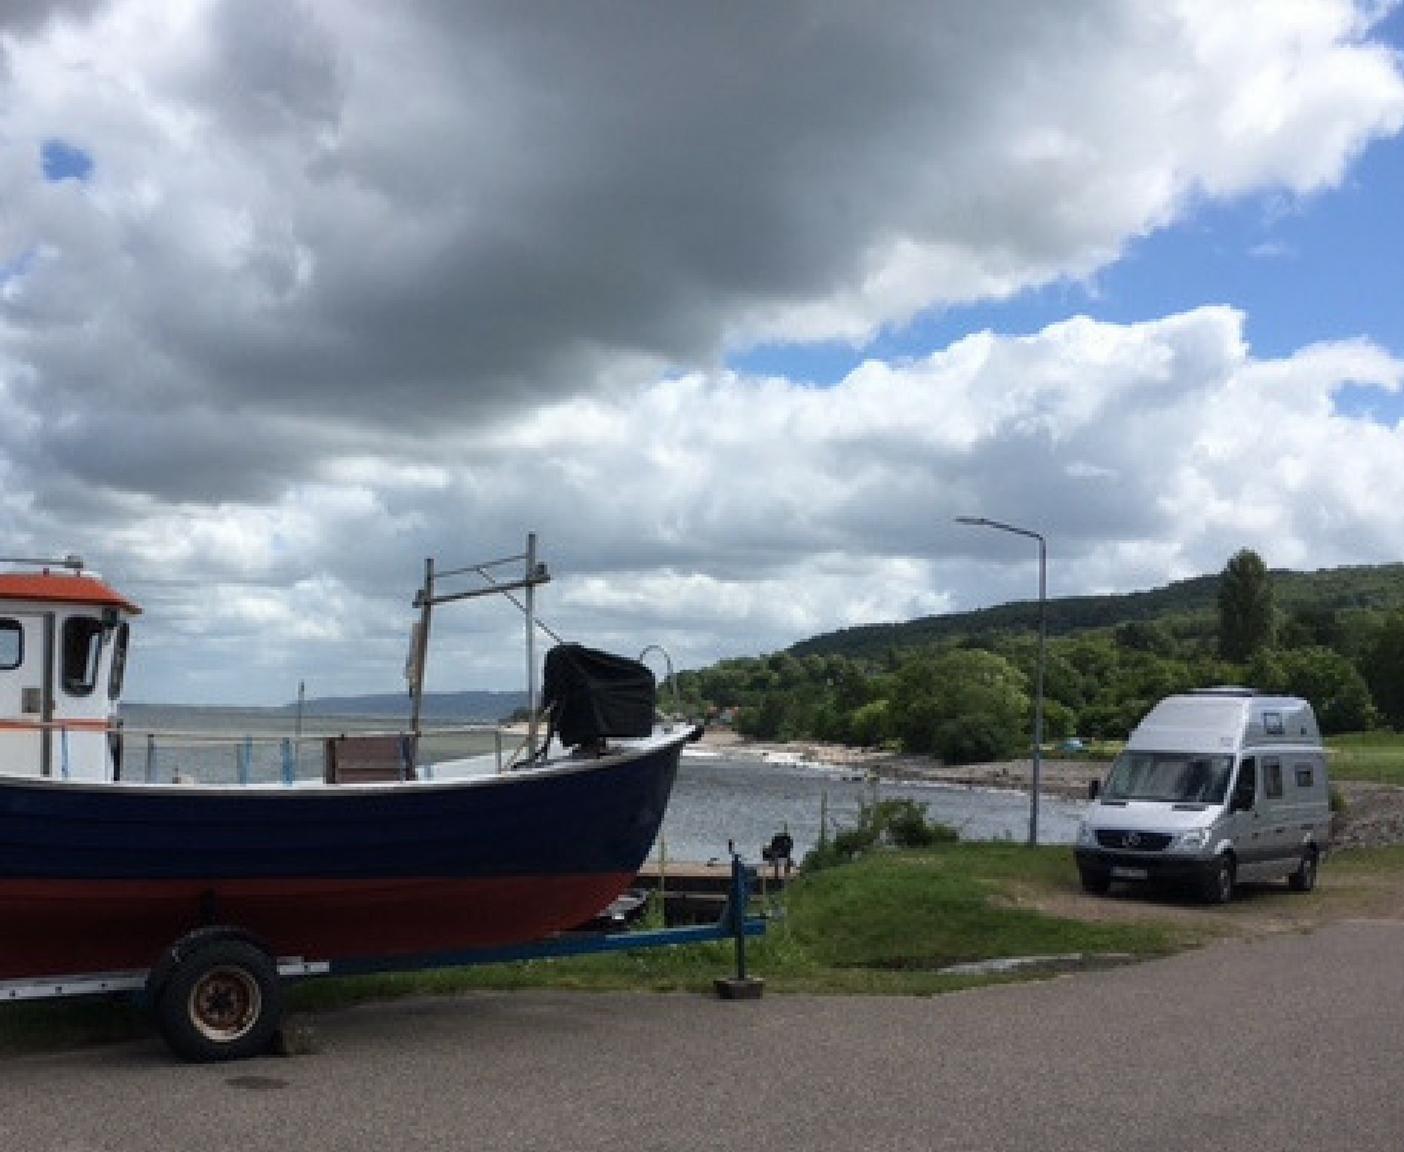 Norwegen mit dem Wohnmobil Schiff Straße Wasser Himmel